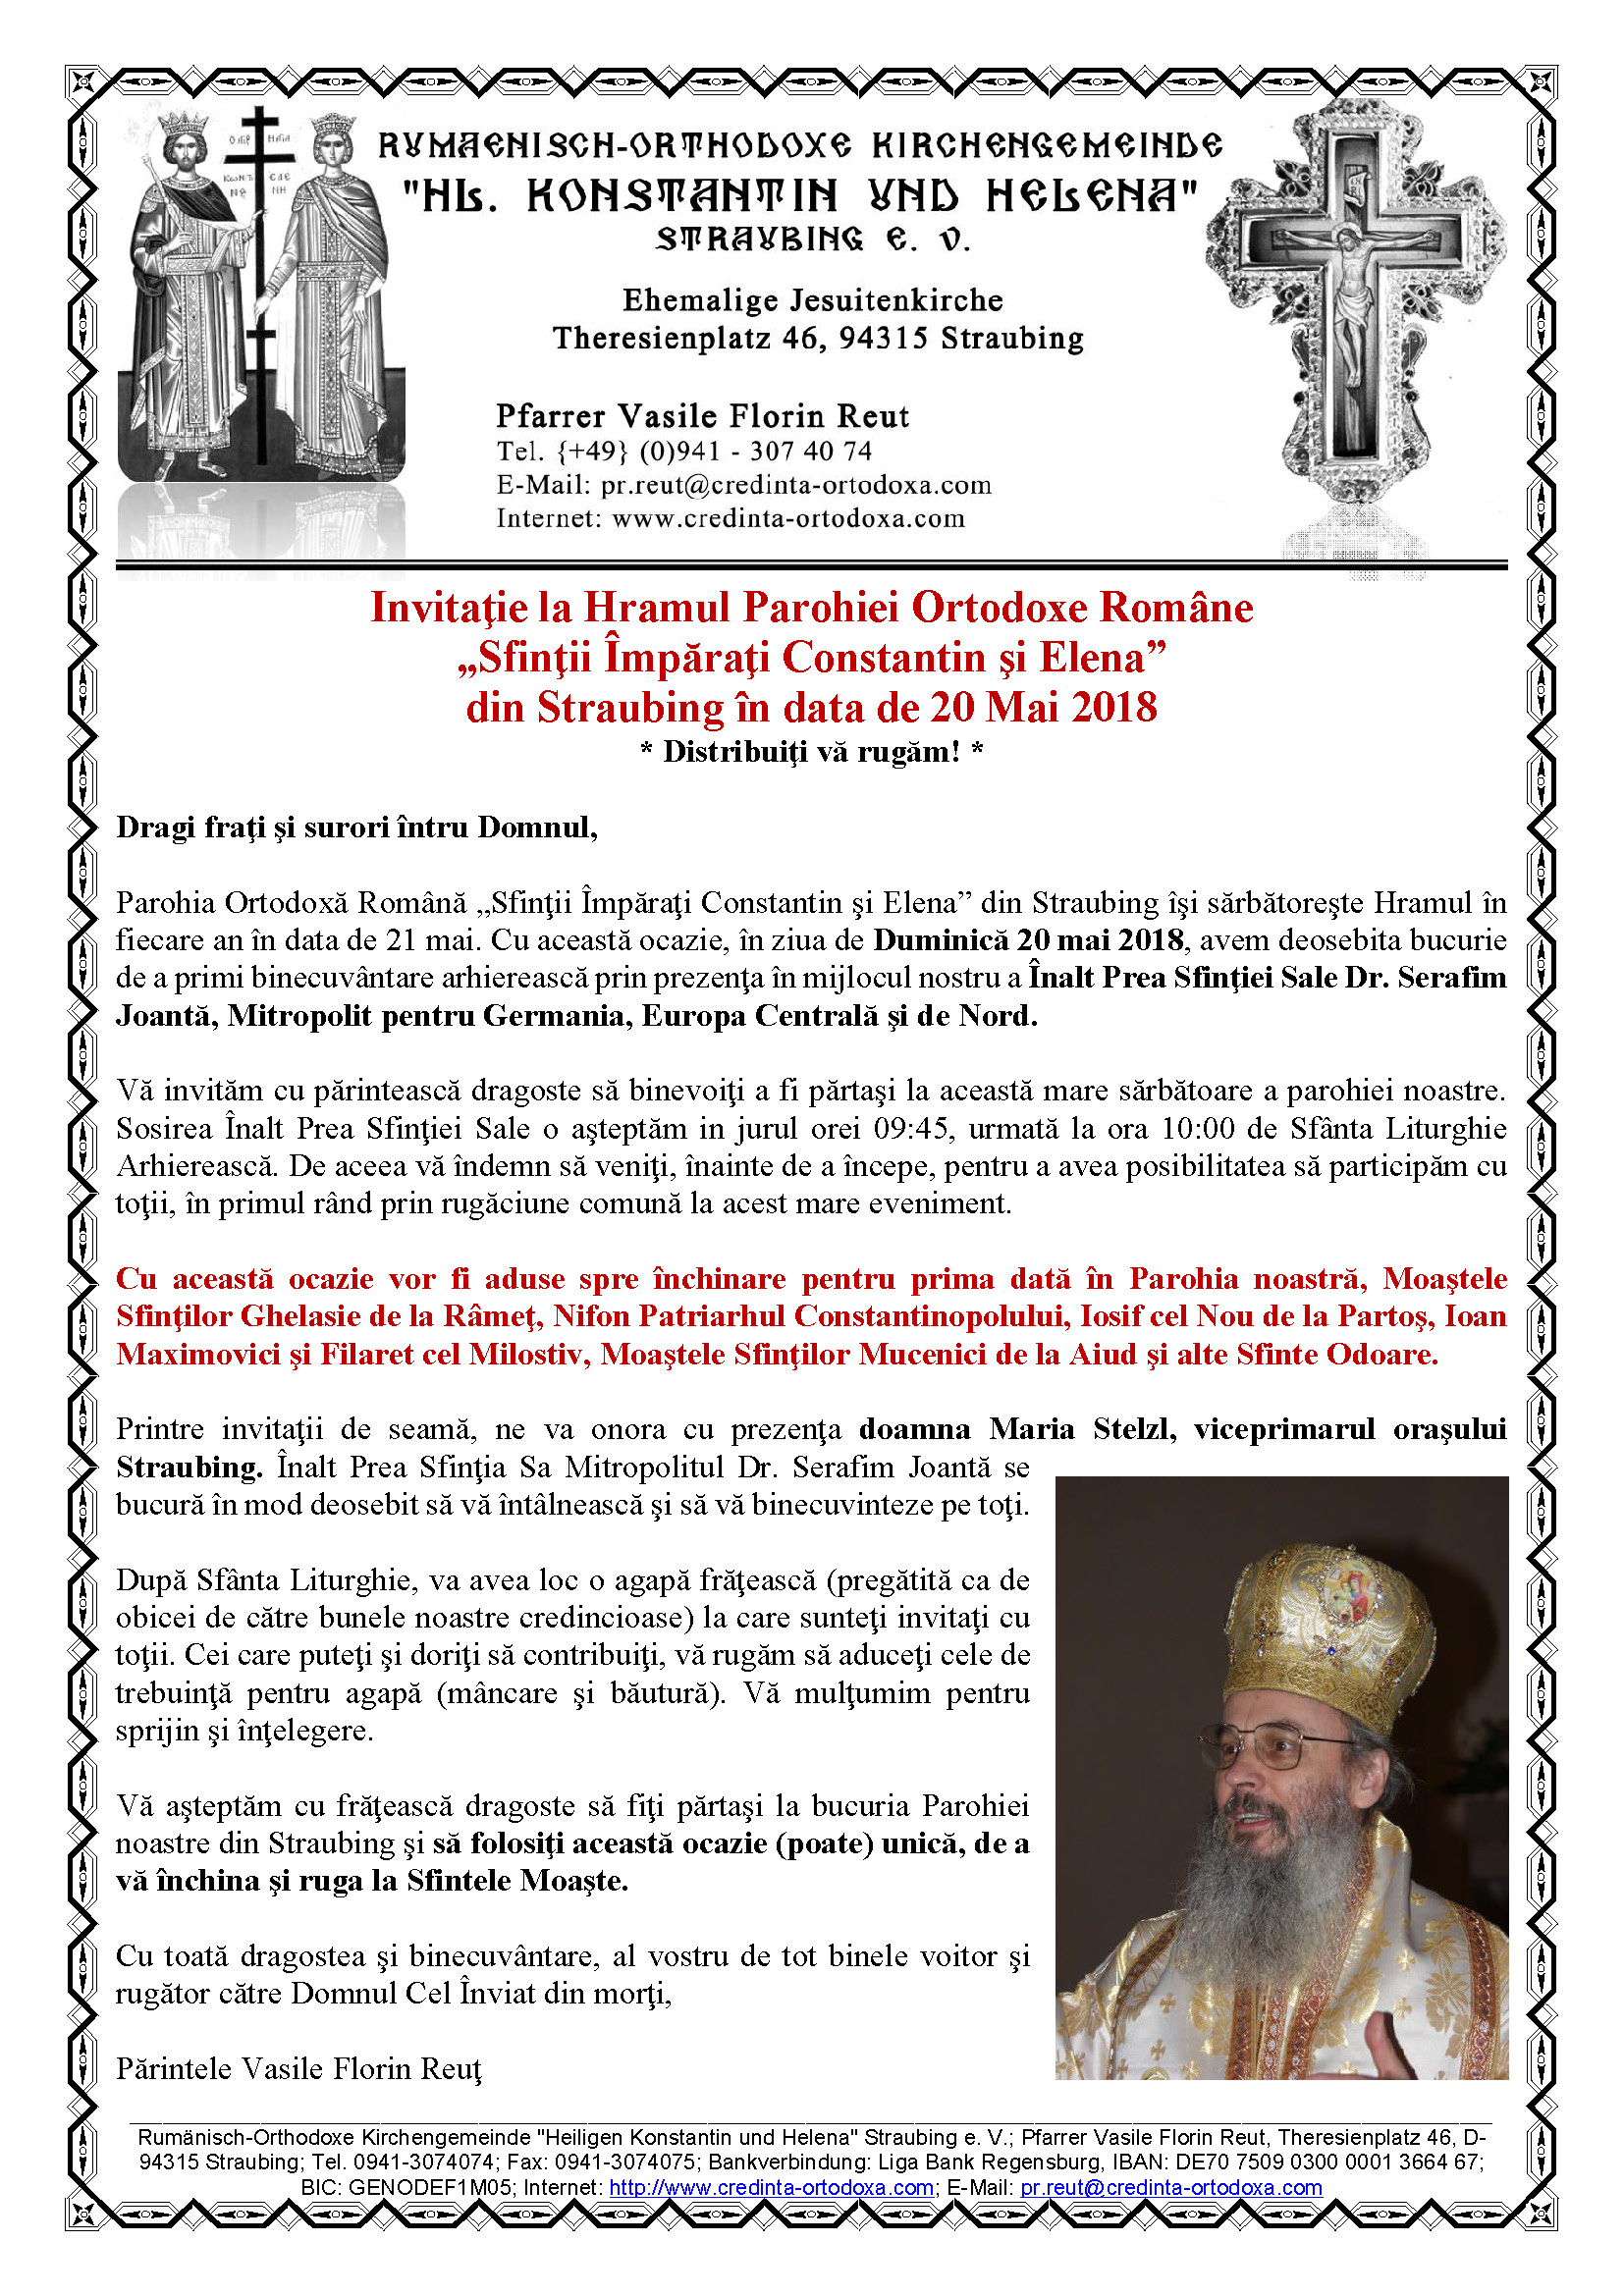 """Invitaţie la Hramul Parohiei Ortodoxe Române """"Sfinţii Împăraţi Constantin şi Elena"""" din Straubing în data de 20 Mai 2018"""